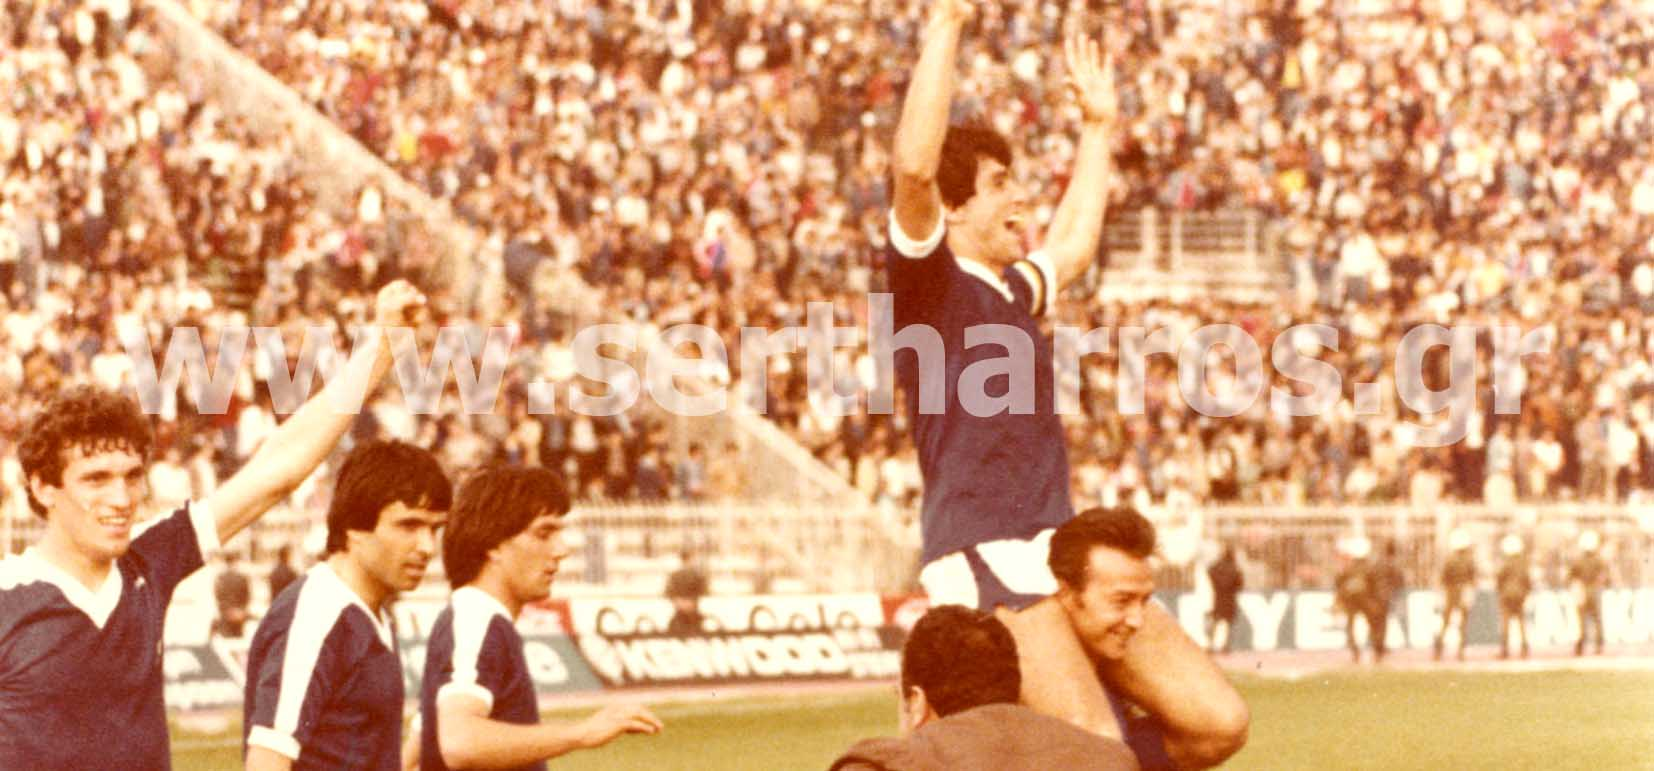 ΗΡΑΚΛΗΣ 1980a